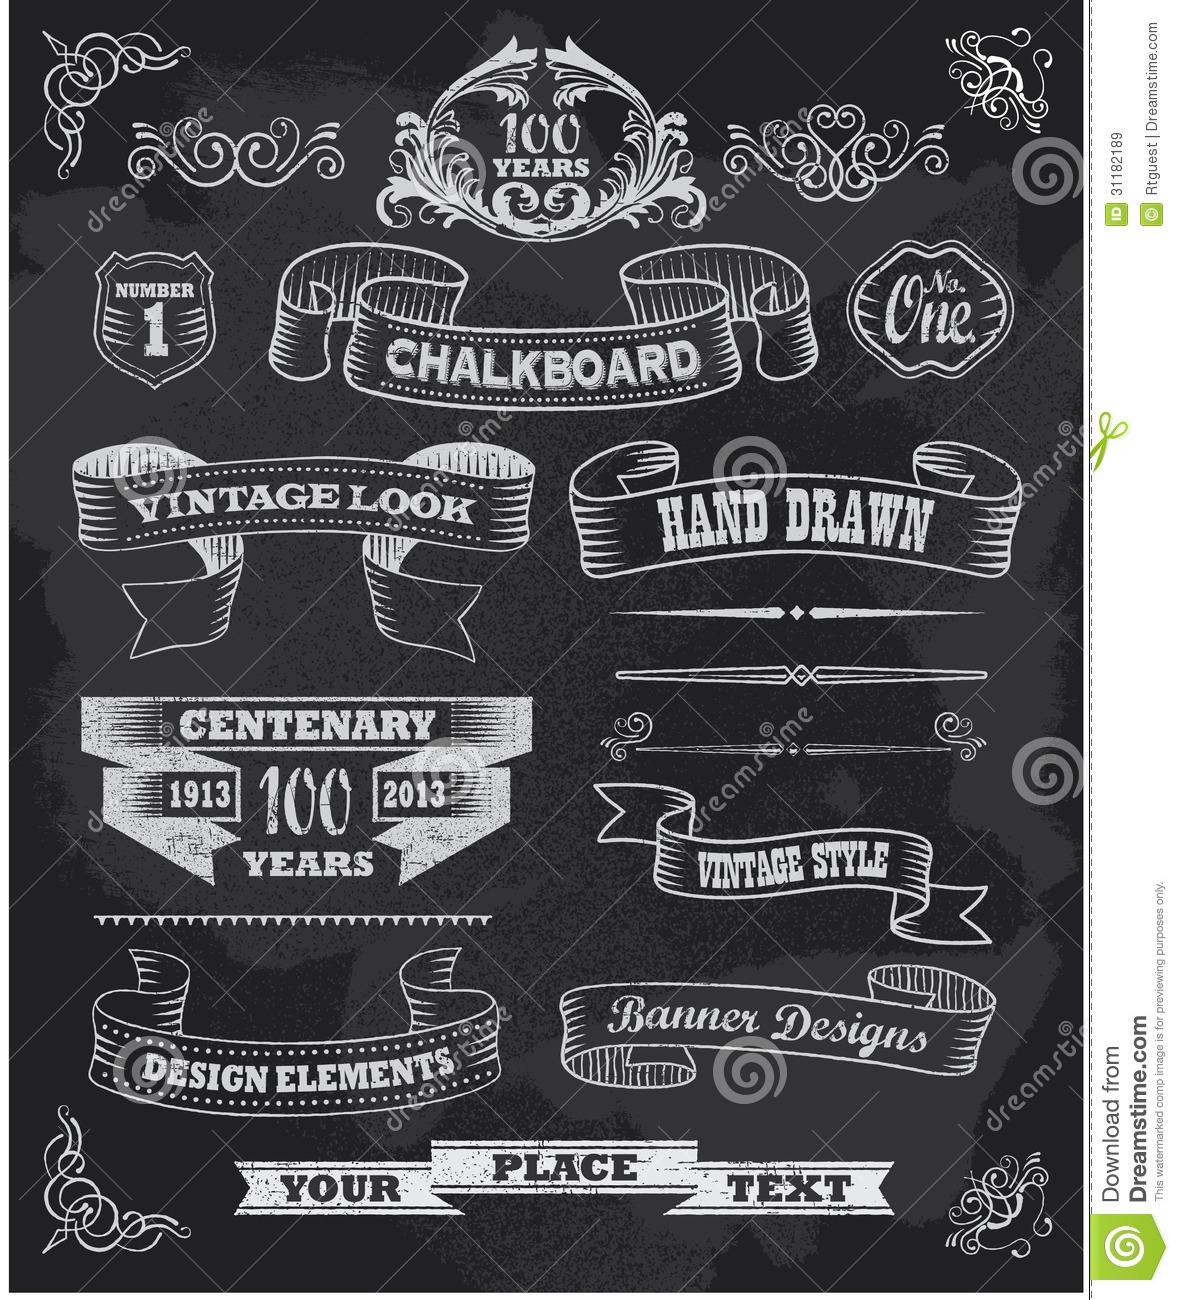 35+ Free Chalkboard Clipart.